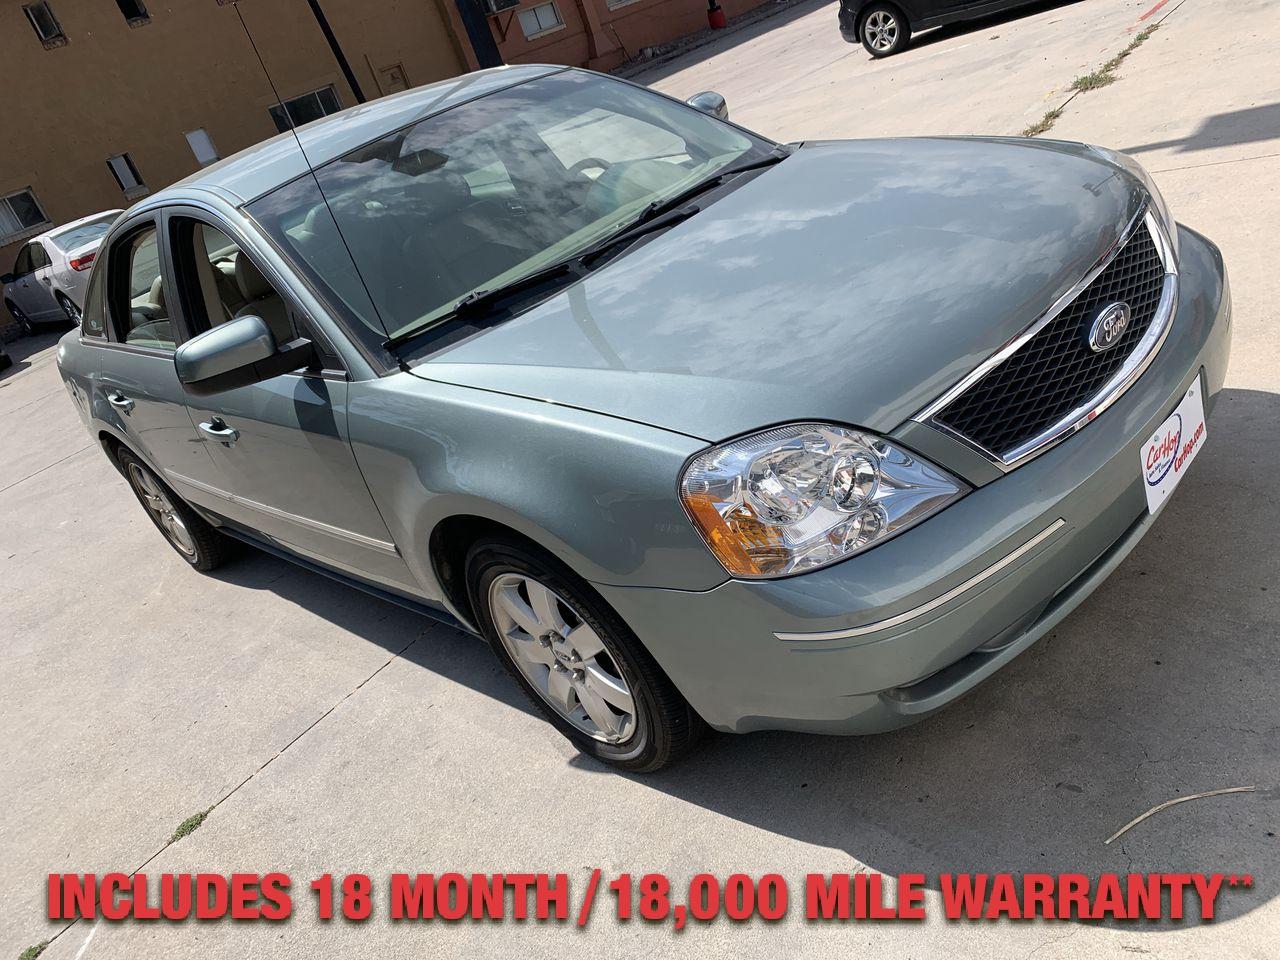 Pre-Owned 2006 FORD FIVE HUNDRED SEL Sedan